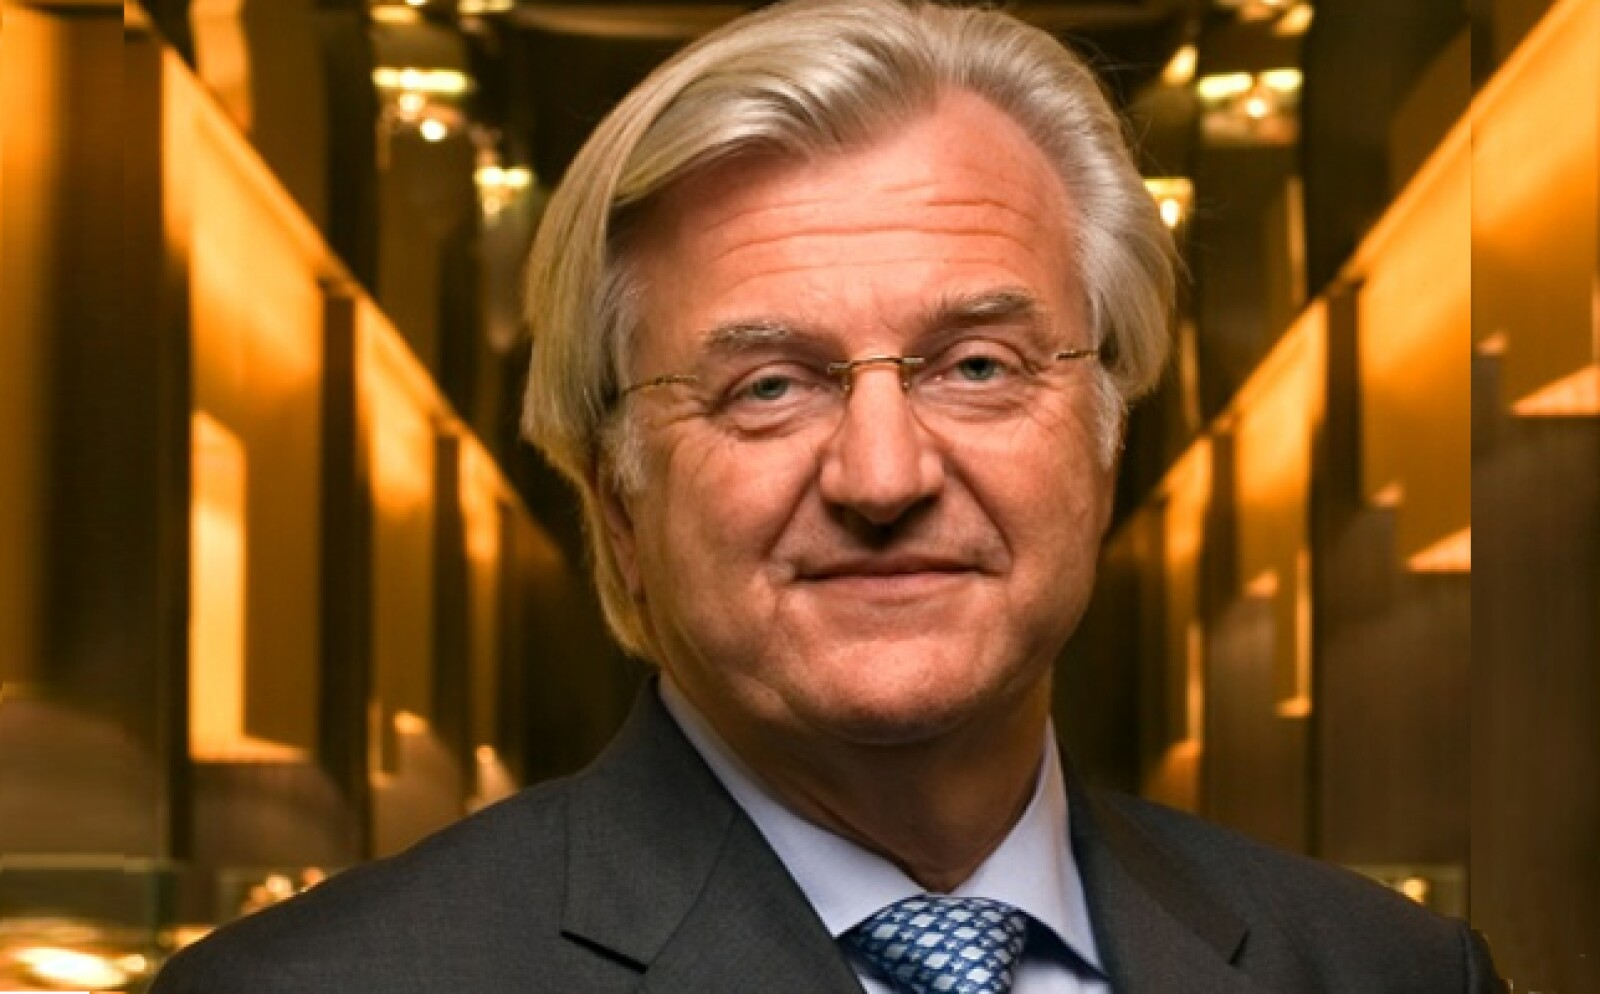 El inversionista y coleccionista decidió fundar su propia compañía relojera en 2003. Estableció su primer taller en la región de Vandoeuvres, Suiza y en 2007, el crecimiento de la firma lo llevó a trasladar sus operaciones a Ginebra.